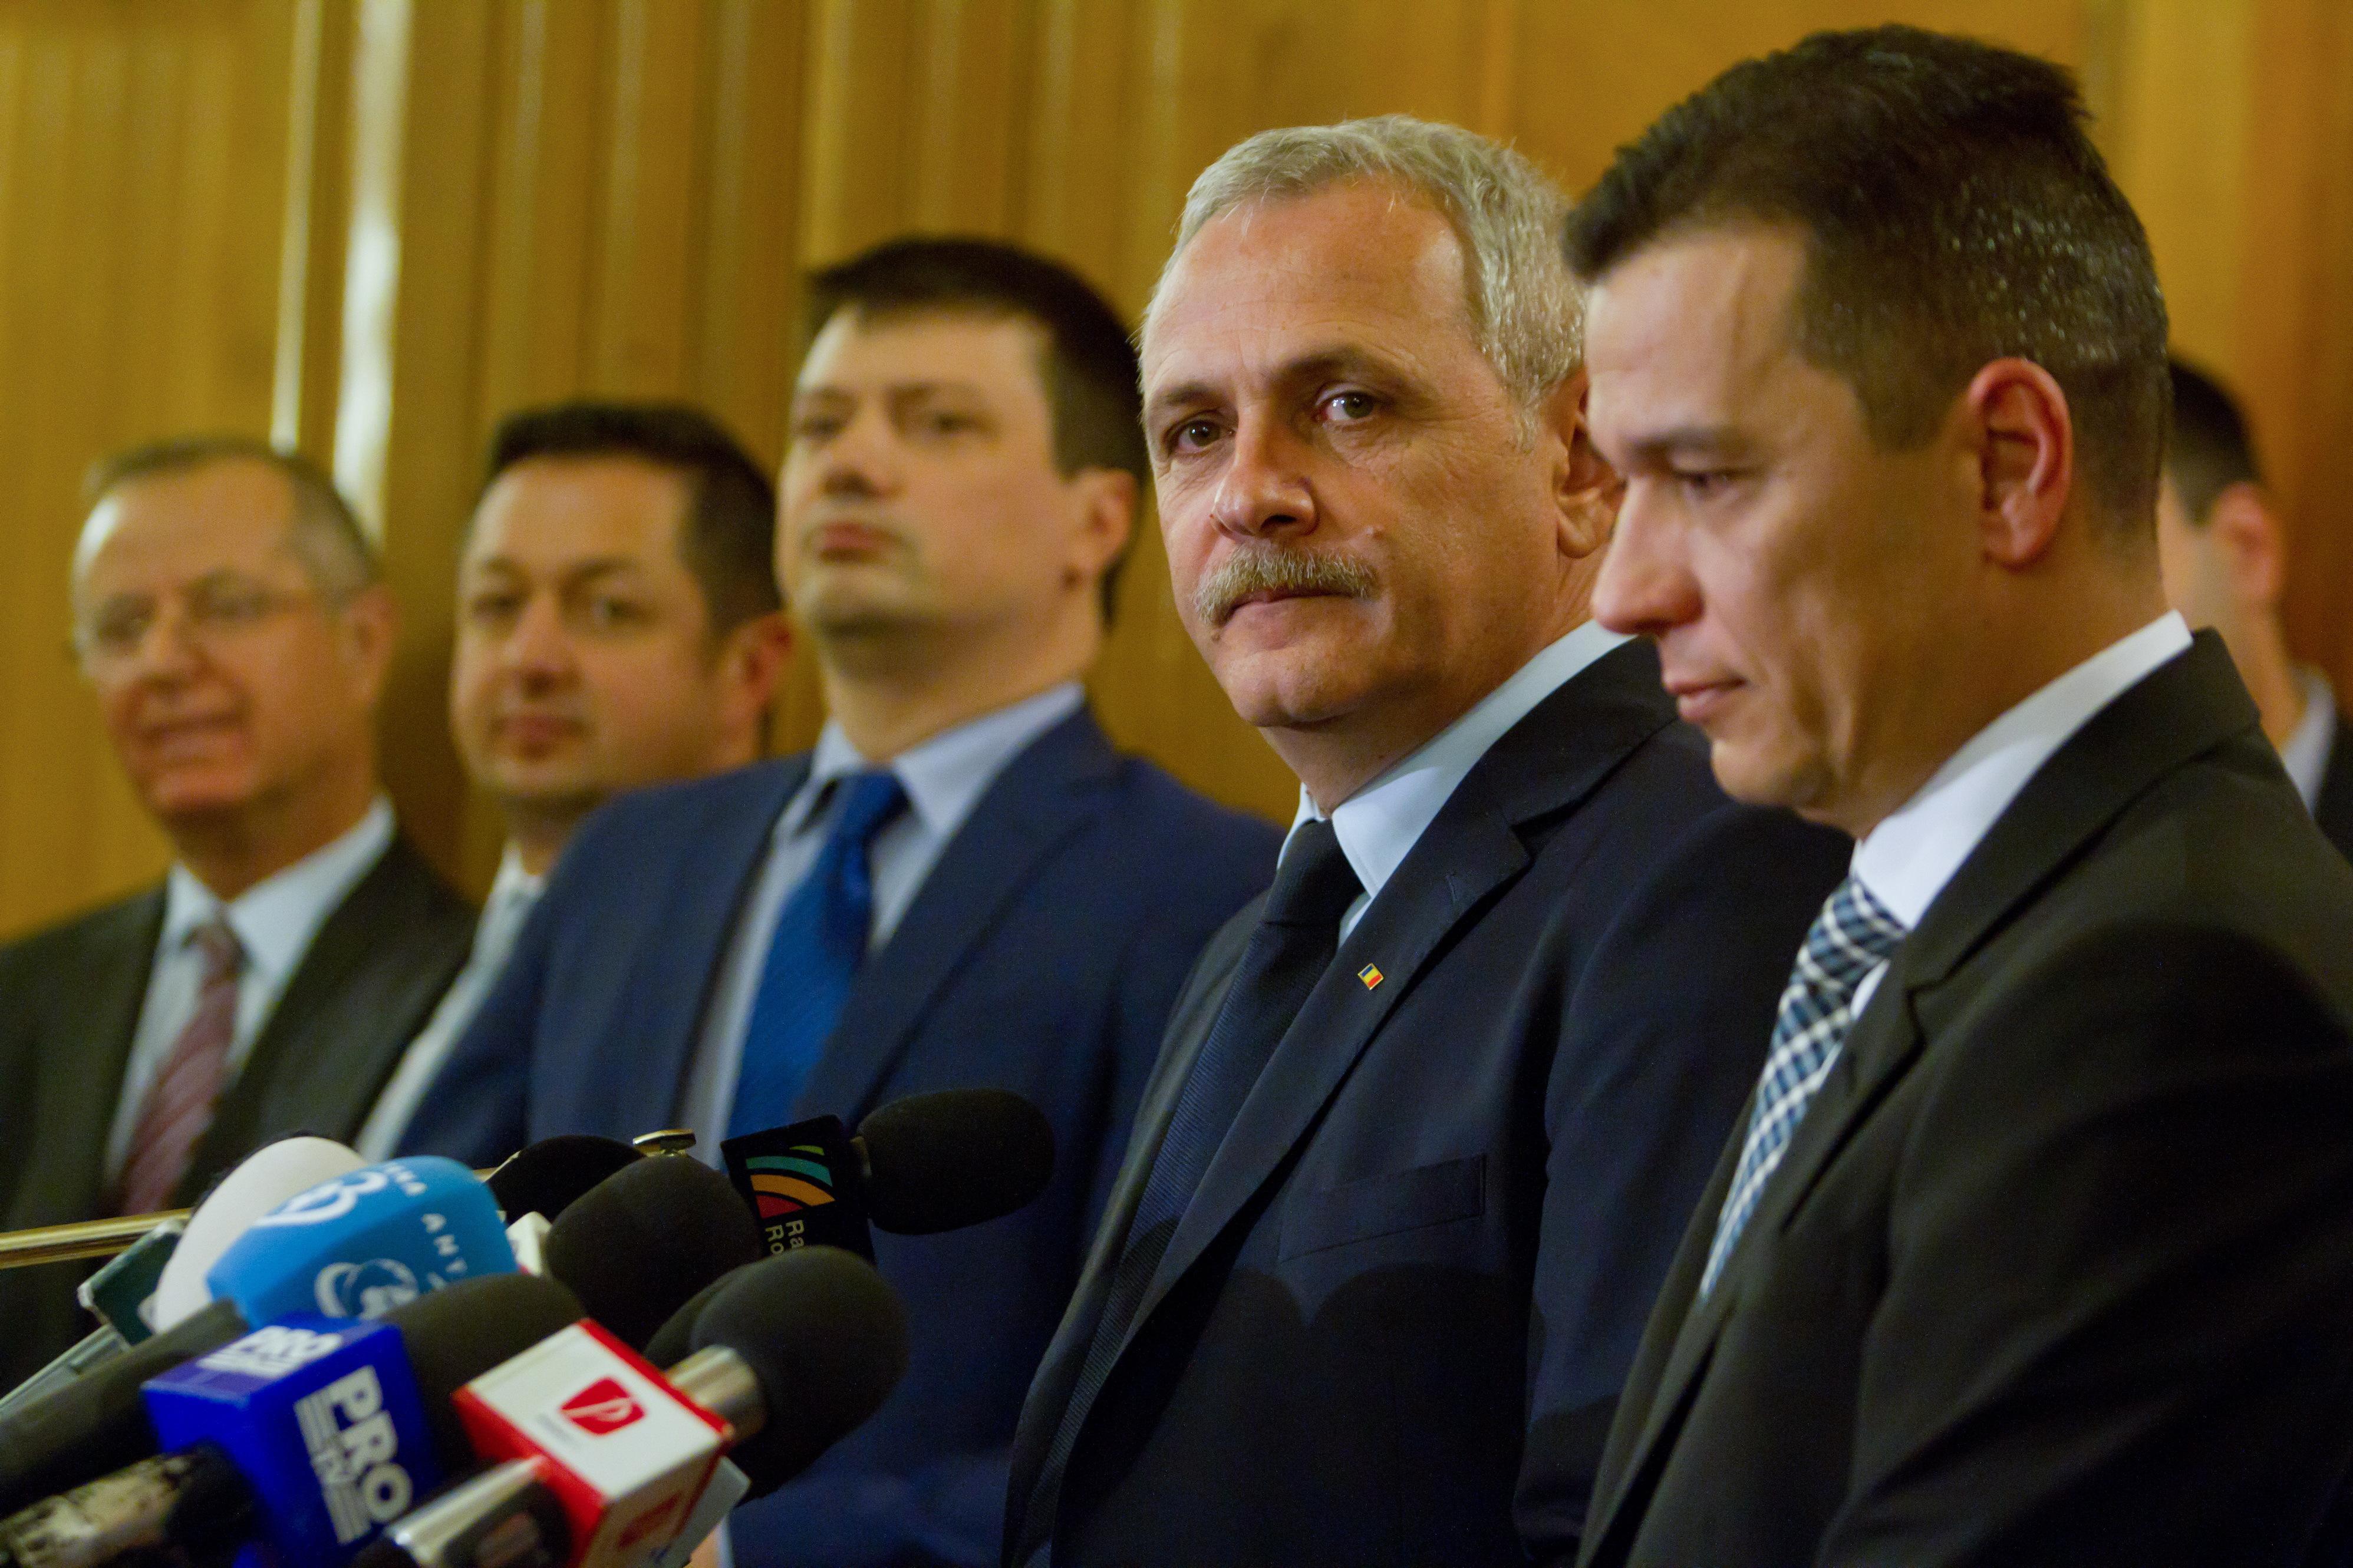 """Liviu Dragnea: Şi Grindeanu, şi """"noi"""" ne-am gândit la variante pentru Justiţie. Miercuri decidem"""